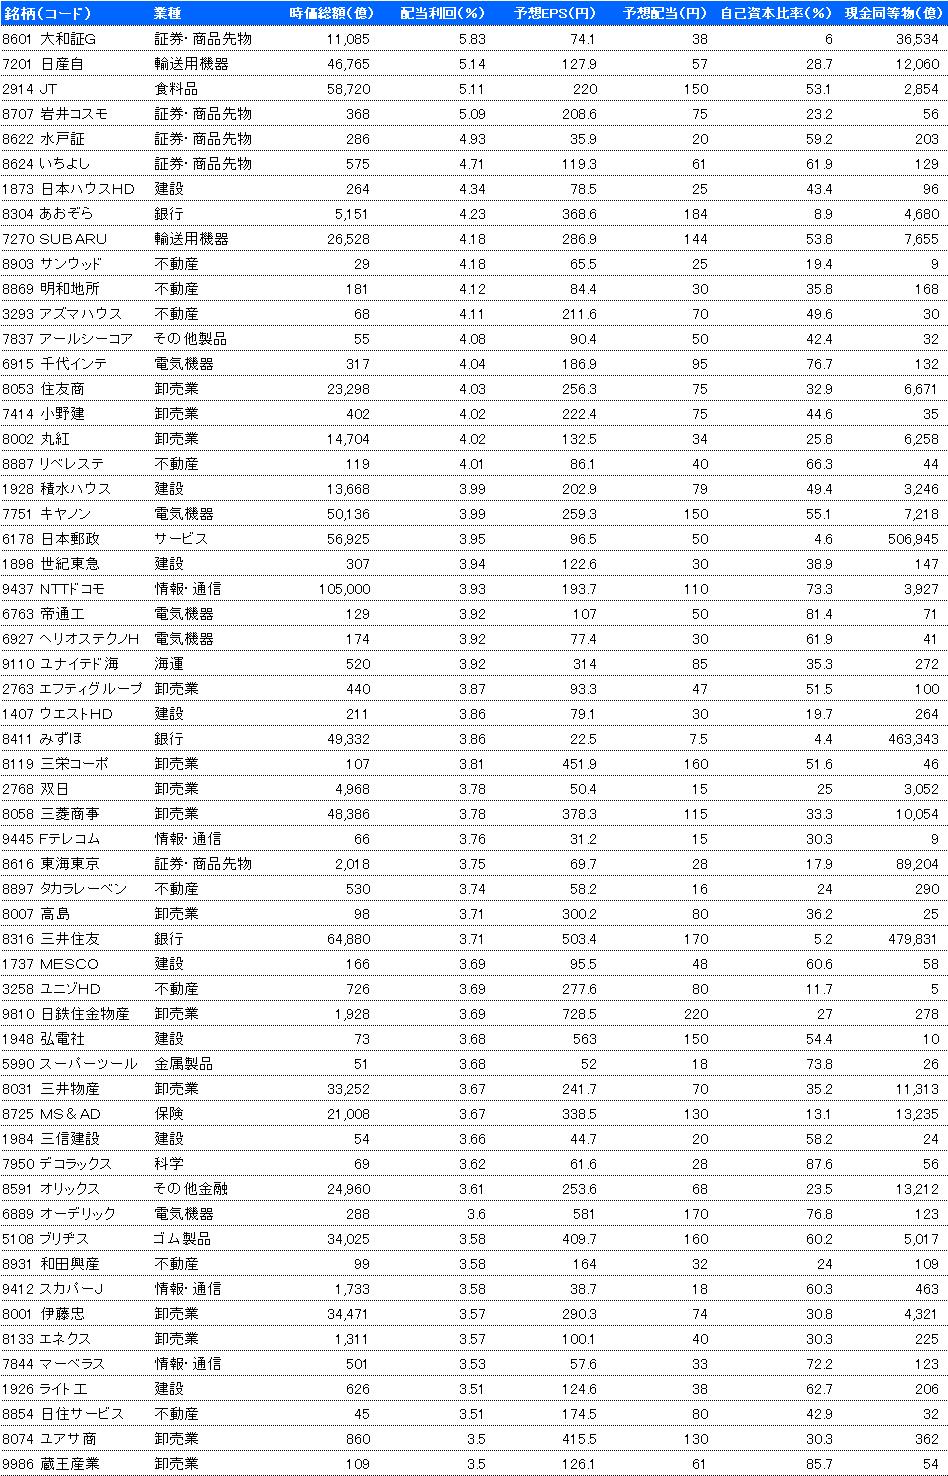 2018年 高配当銘柄リスト